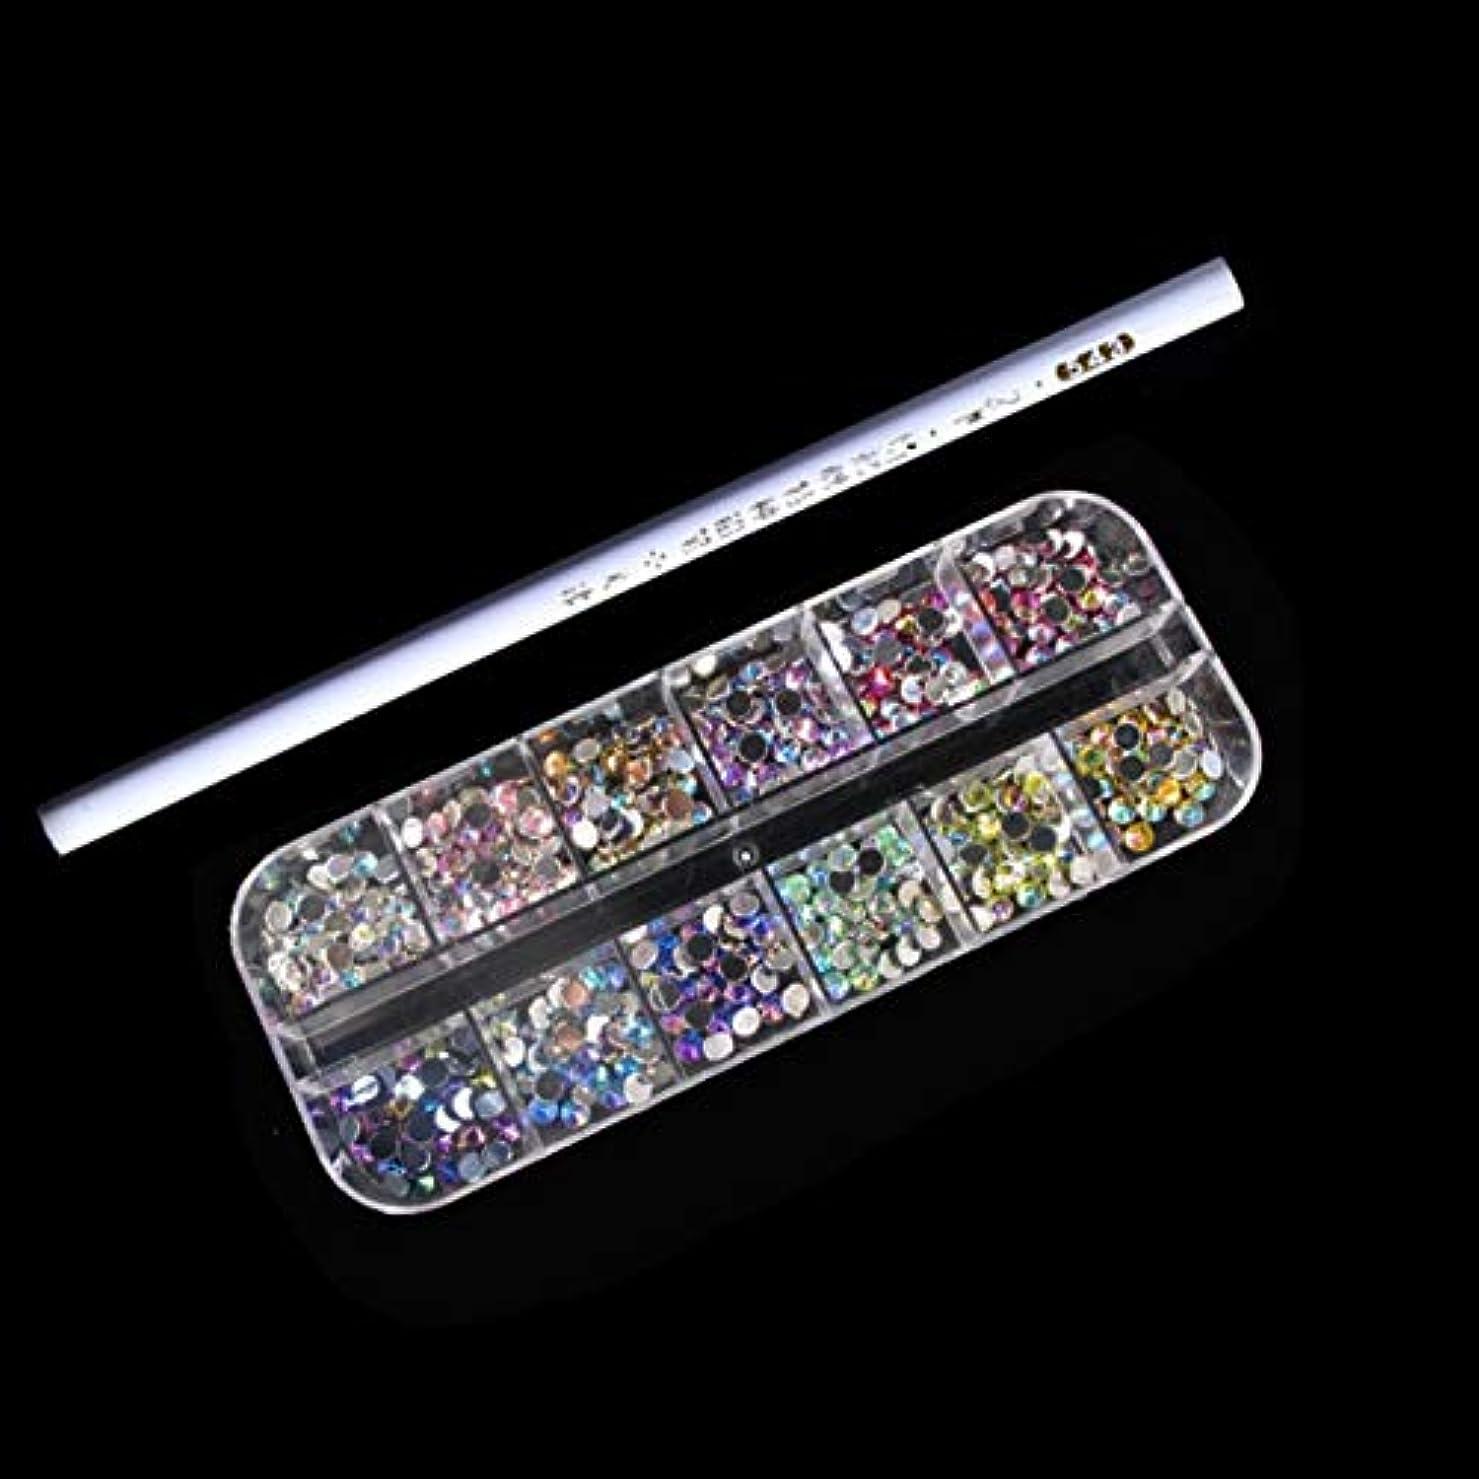 配送石膏ゲージWadachikis 最高品質の3 Dグリッターネイルラインストーンクリスタルスタッド&ネイルピッカーペンツールネイルアートデコレーションセット(None Flat bottom drill OT-0879)